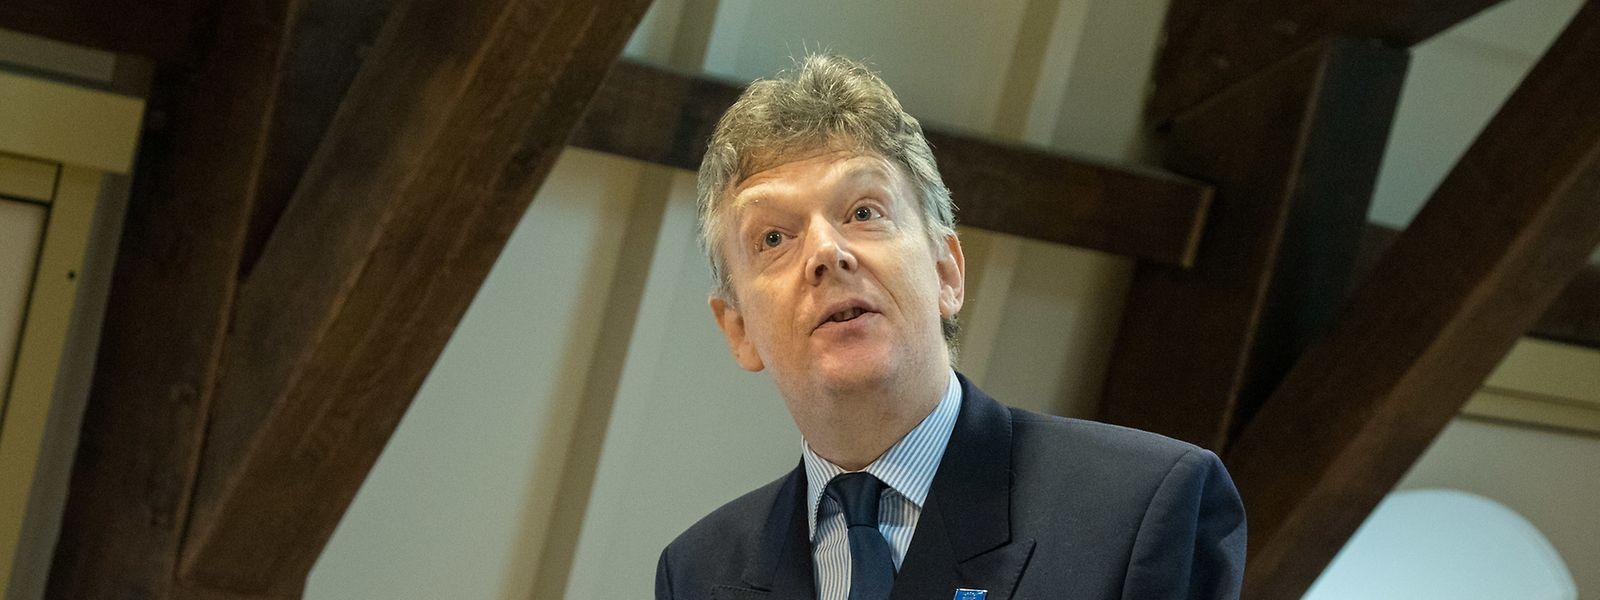 Zu Gast in Luxemburg: Vor 20 Jahren hat Graham Wright eine Beratungsgesellschaft für Finanzintegration – MicroSave – gegründet, die heute Projekte in mehr als 50 Entwicklungsländern betreut.